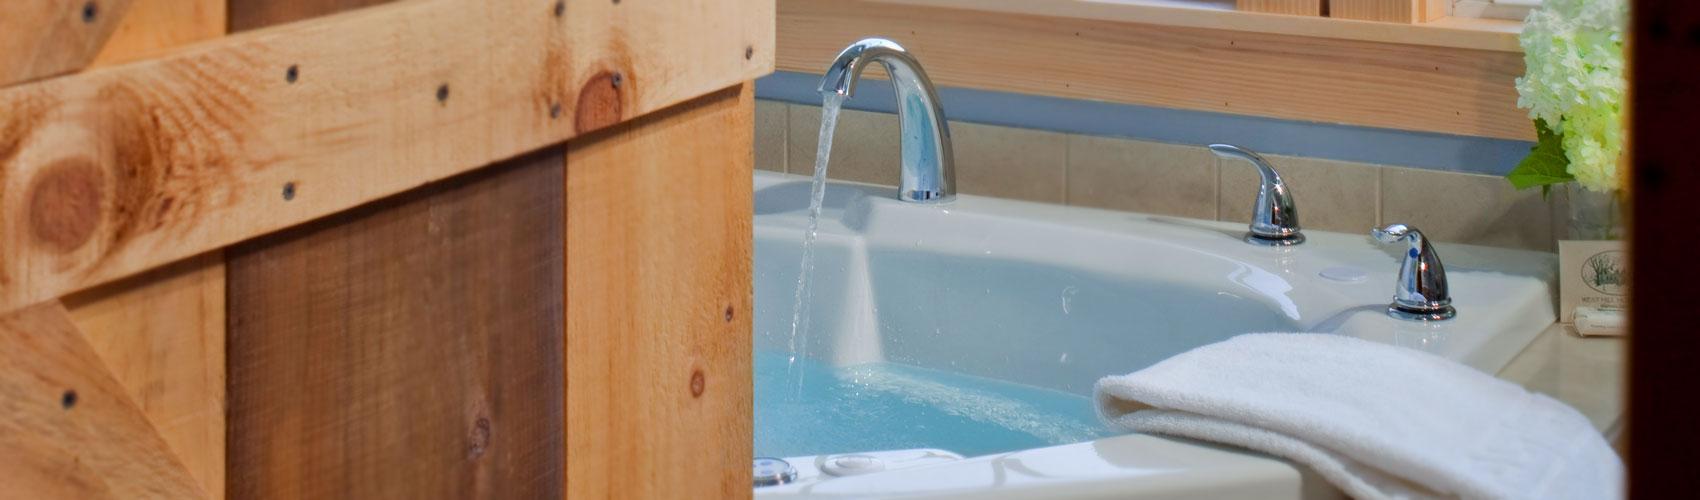 main-bathtub